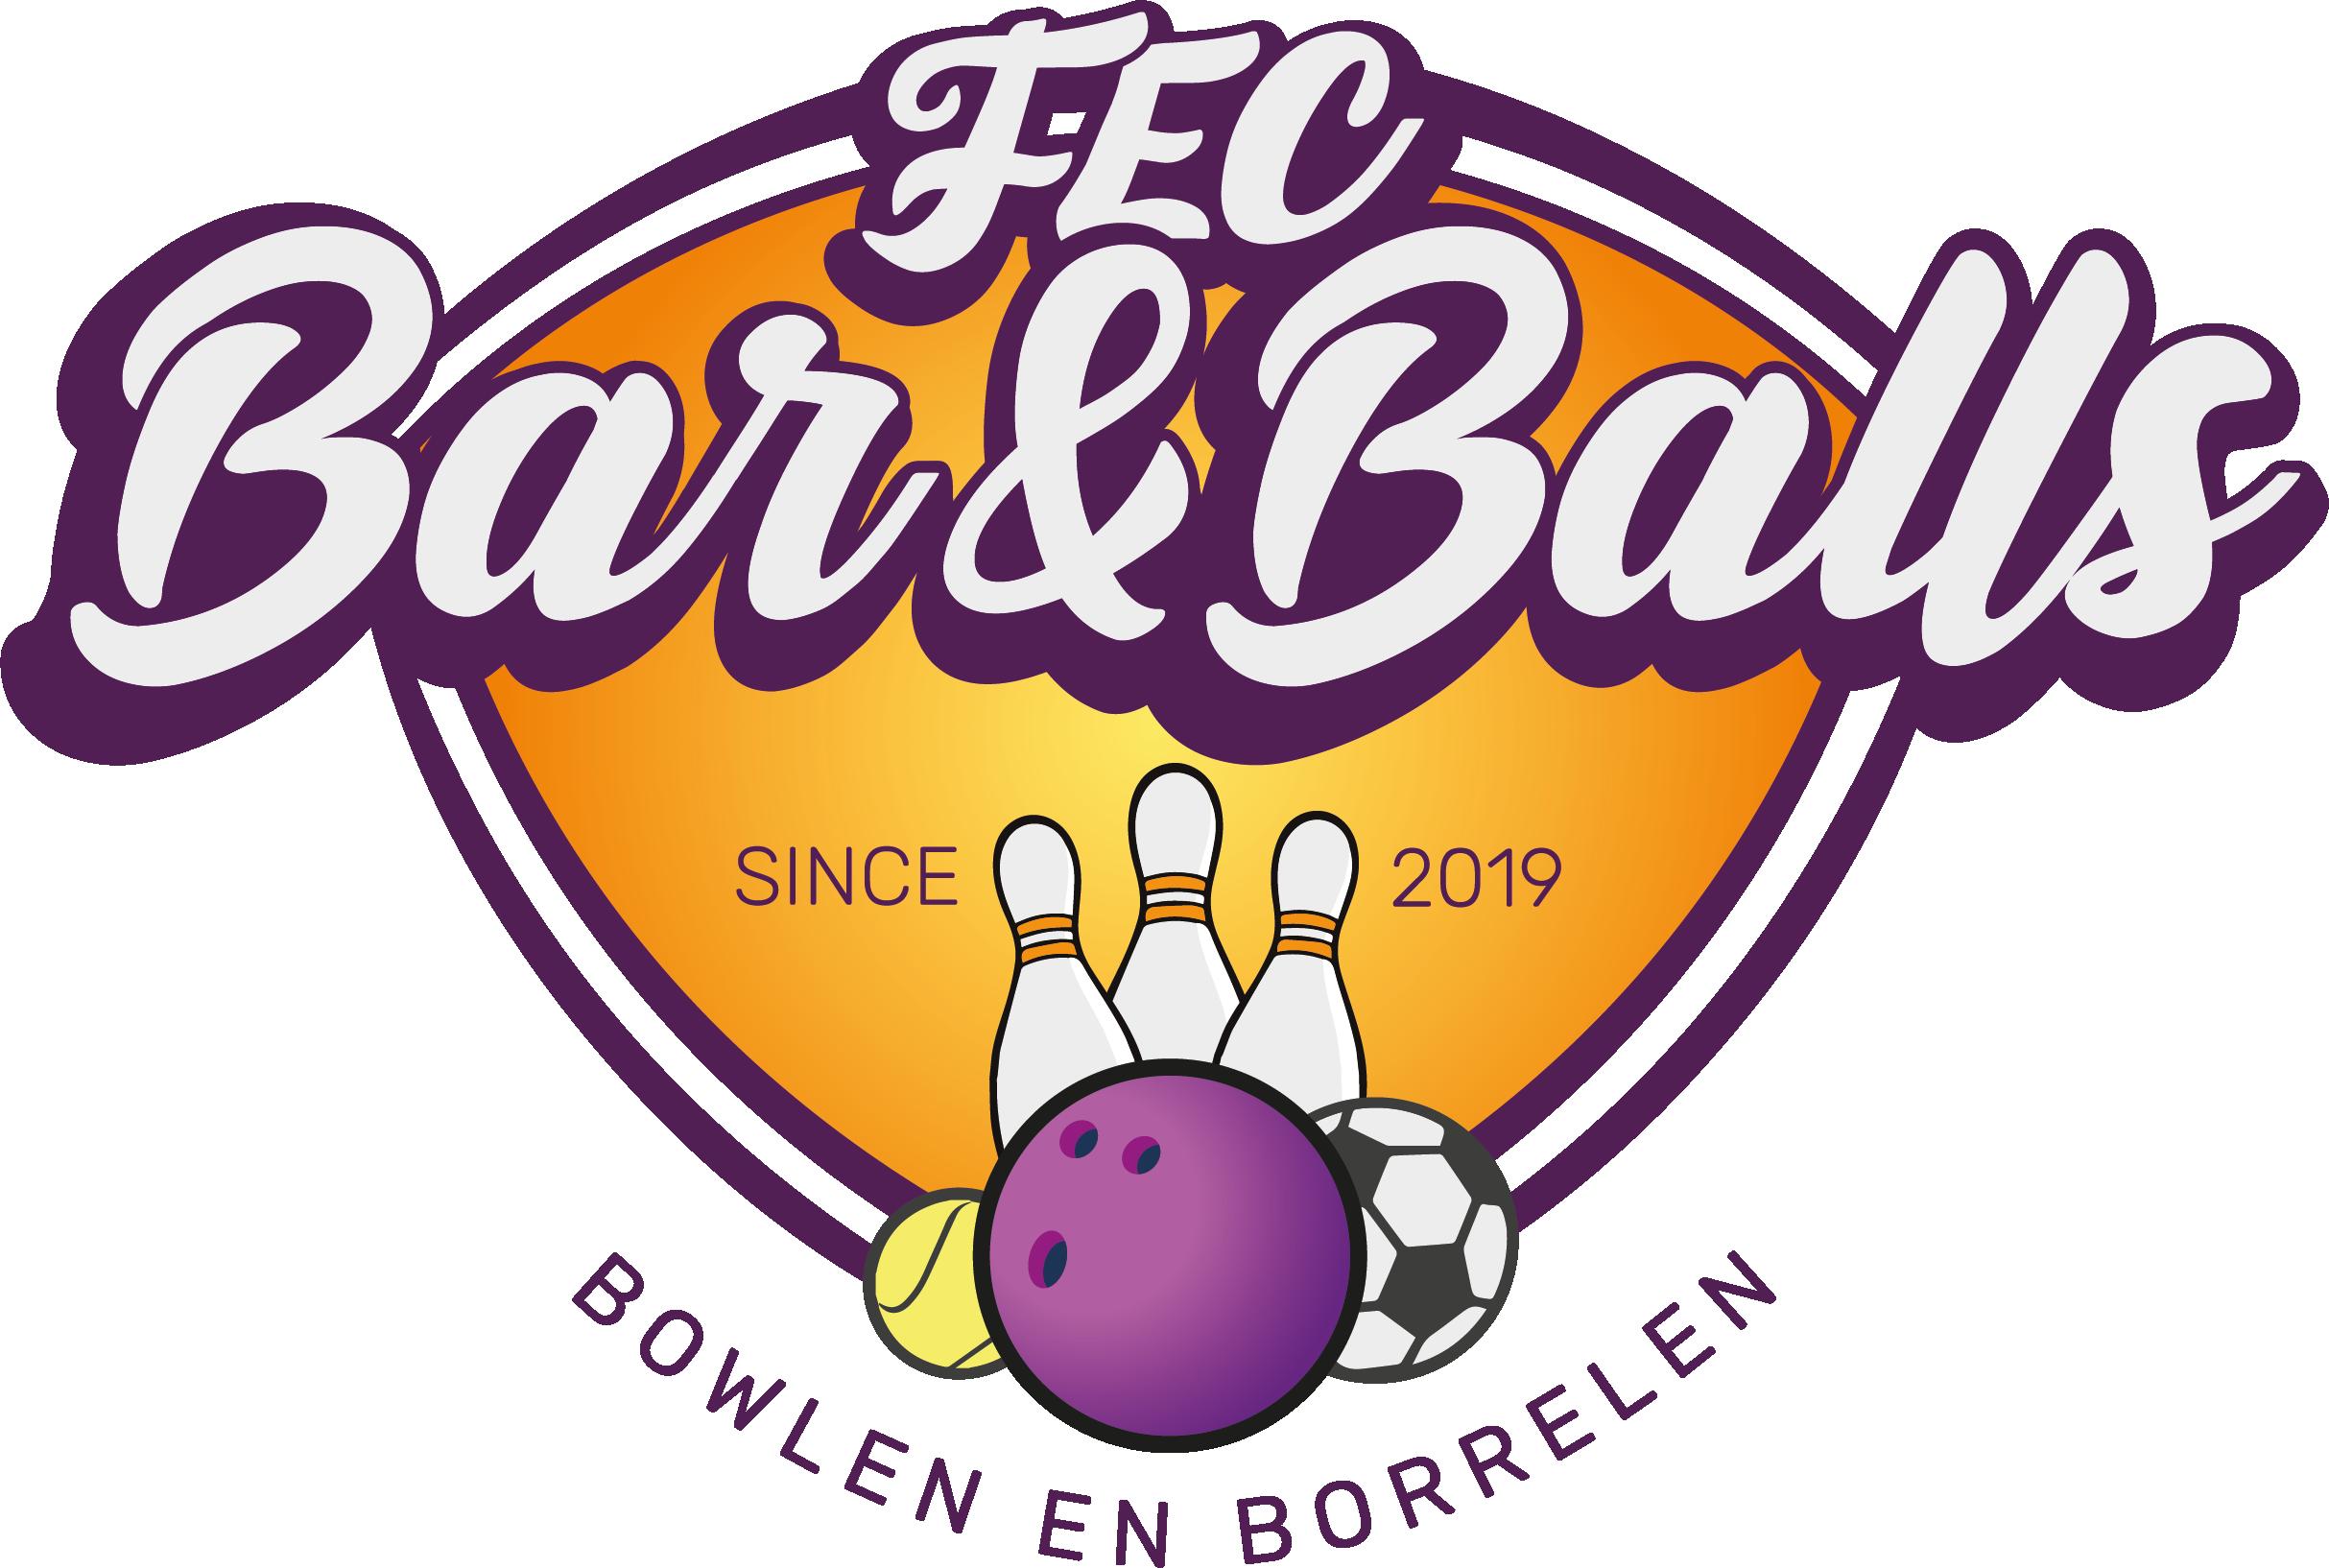 FEC Bar & Balls